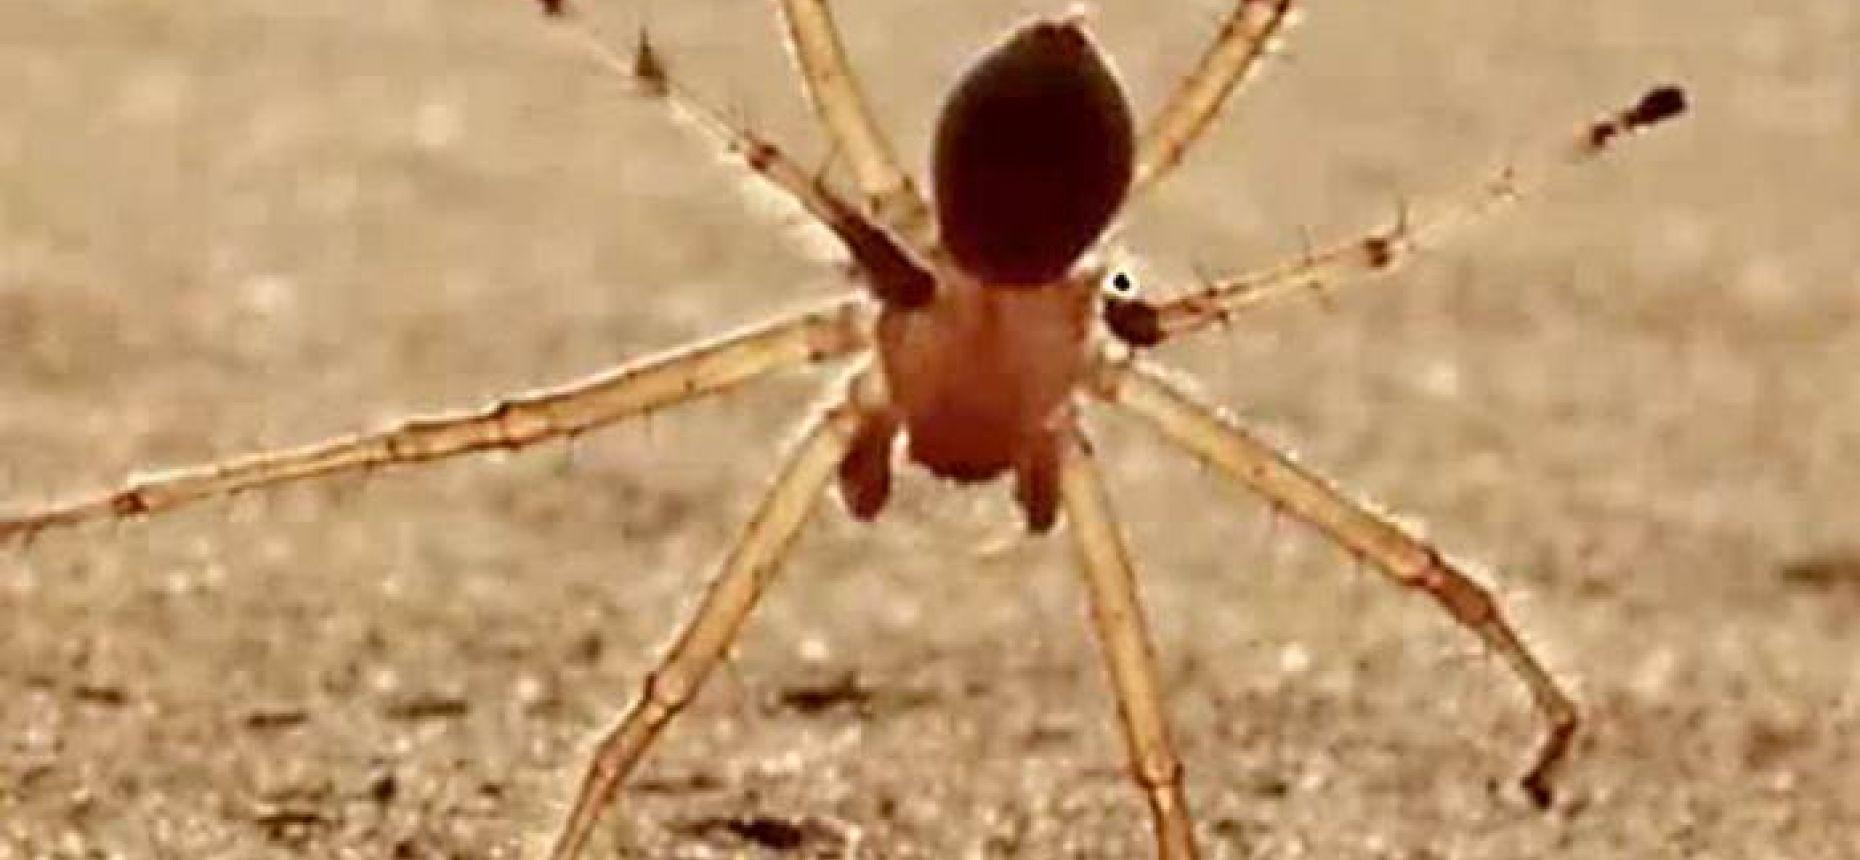 Пауки, способные передвигаться наподобие выполняющих сальто акробатов